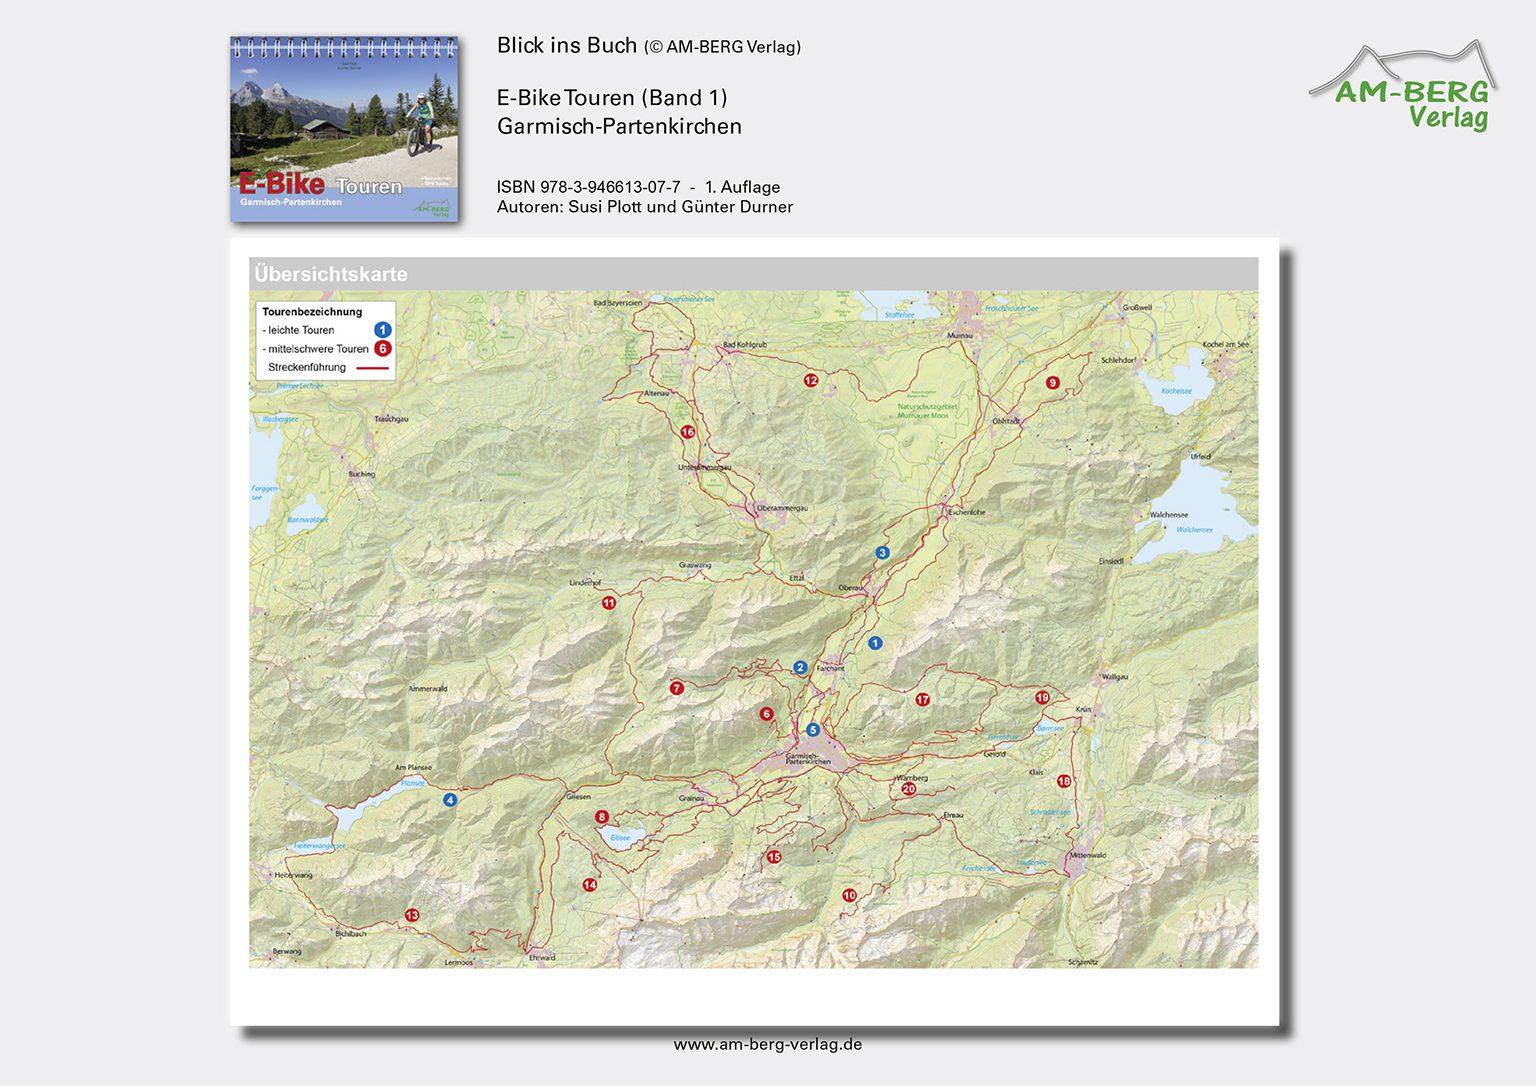 E-Bike Touren Garmisch-Partenkirchen_BlickinsBuch02